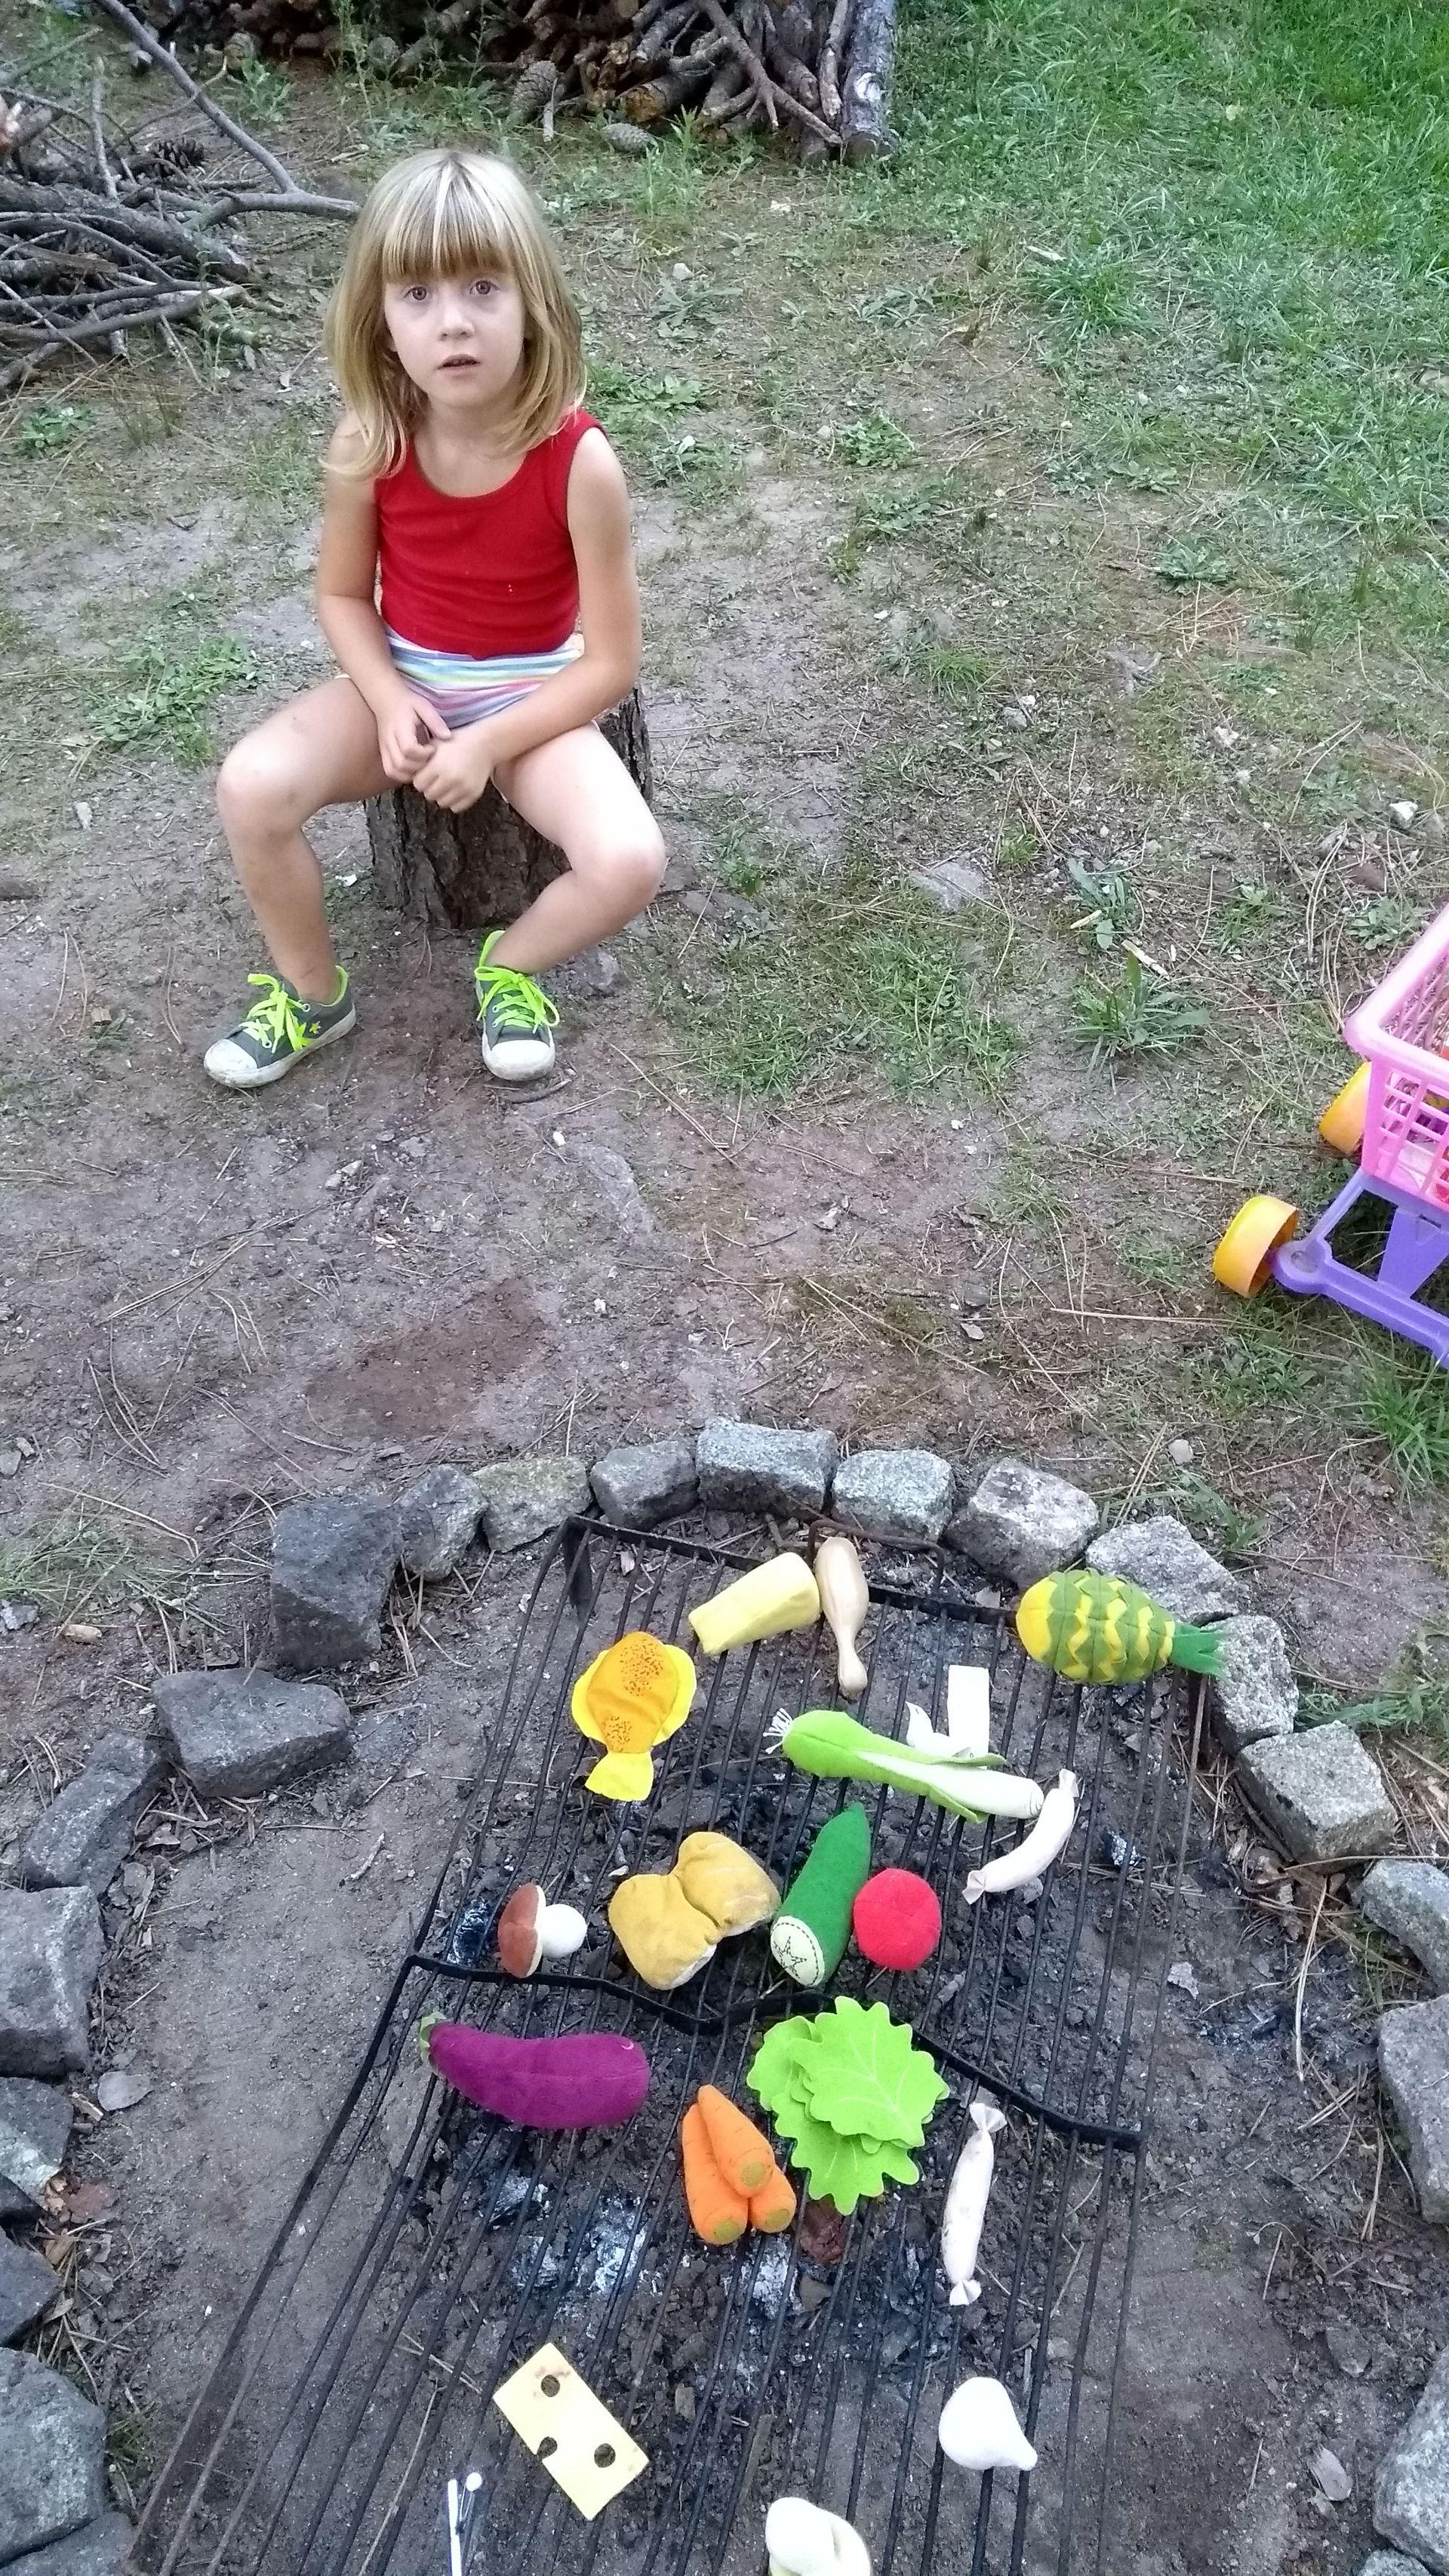 Esmeralda, su hija de 6 años, con quien sale a recolectar hierbas y frutos típicos del bosque de Pinamar.